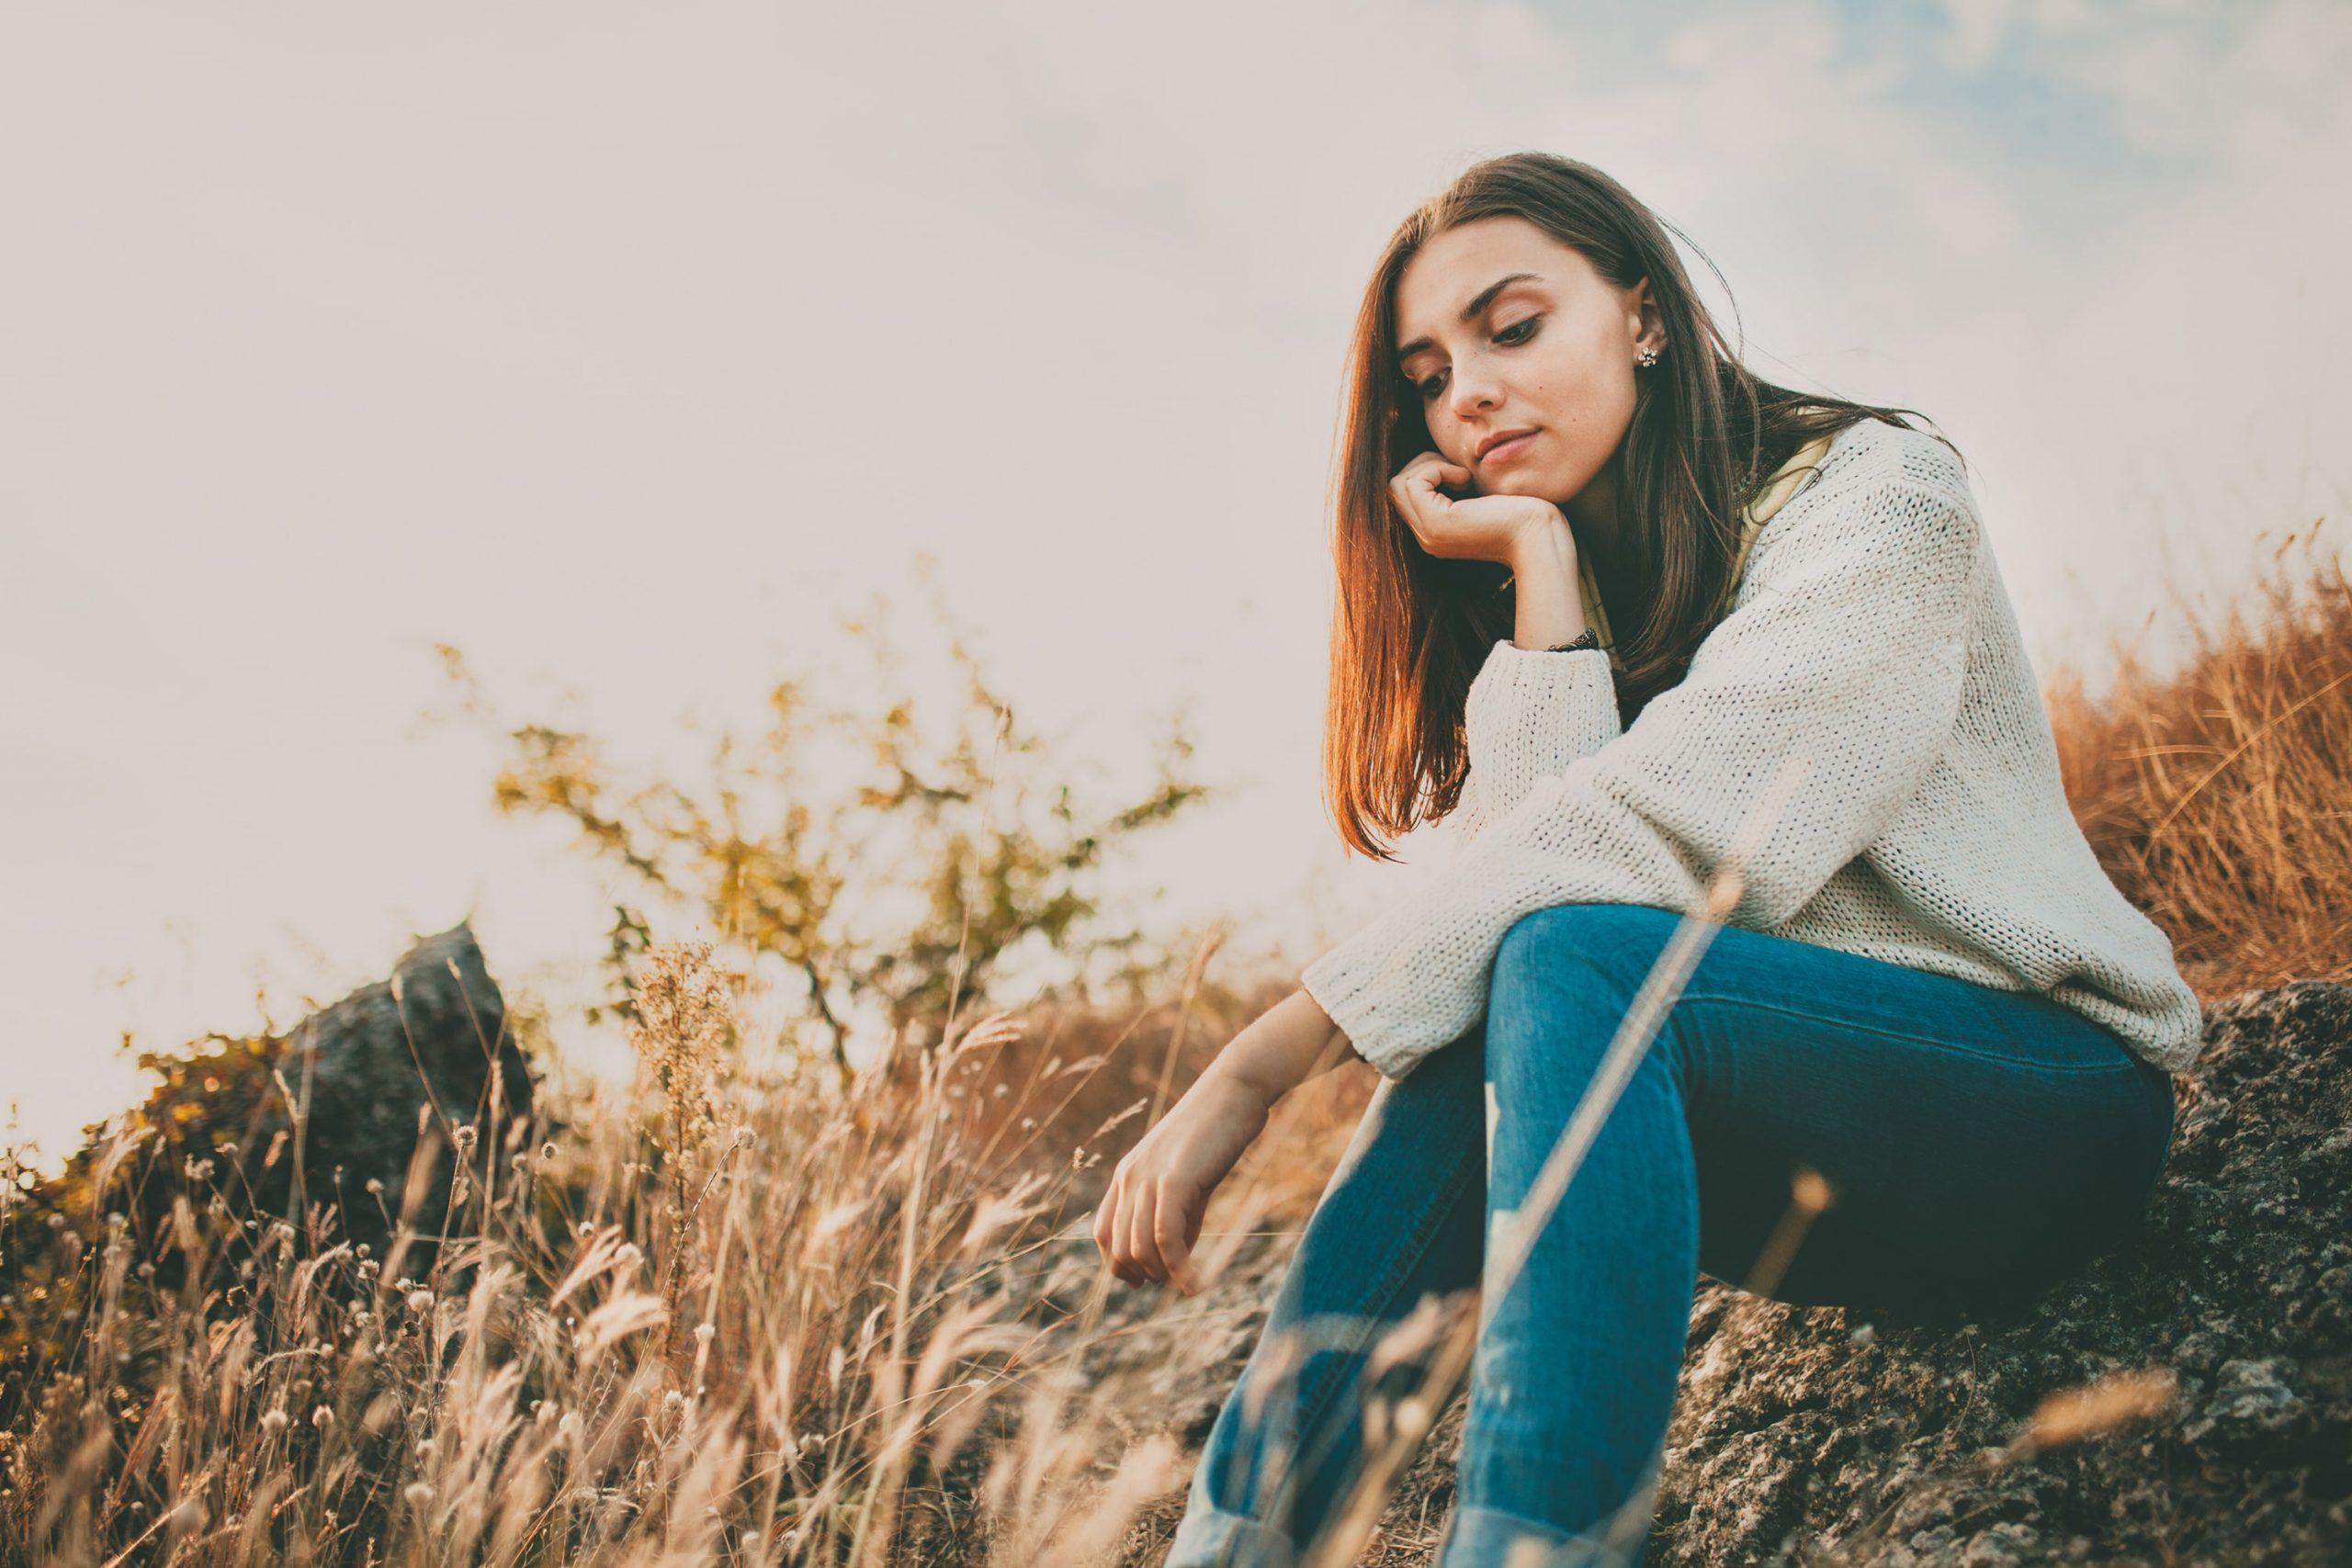 Πώς μας επηρεάζει η μοναξιά;